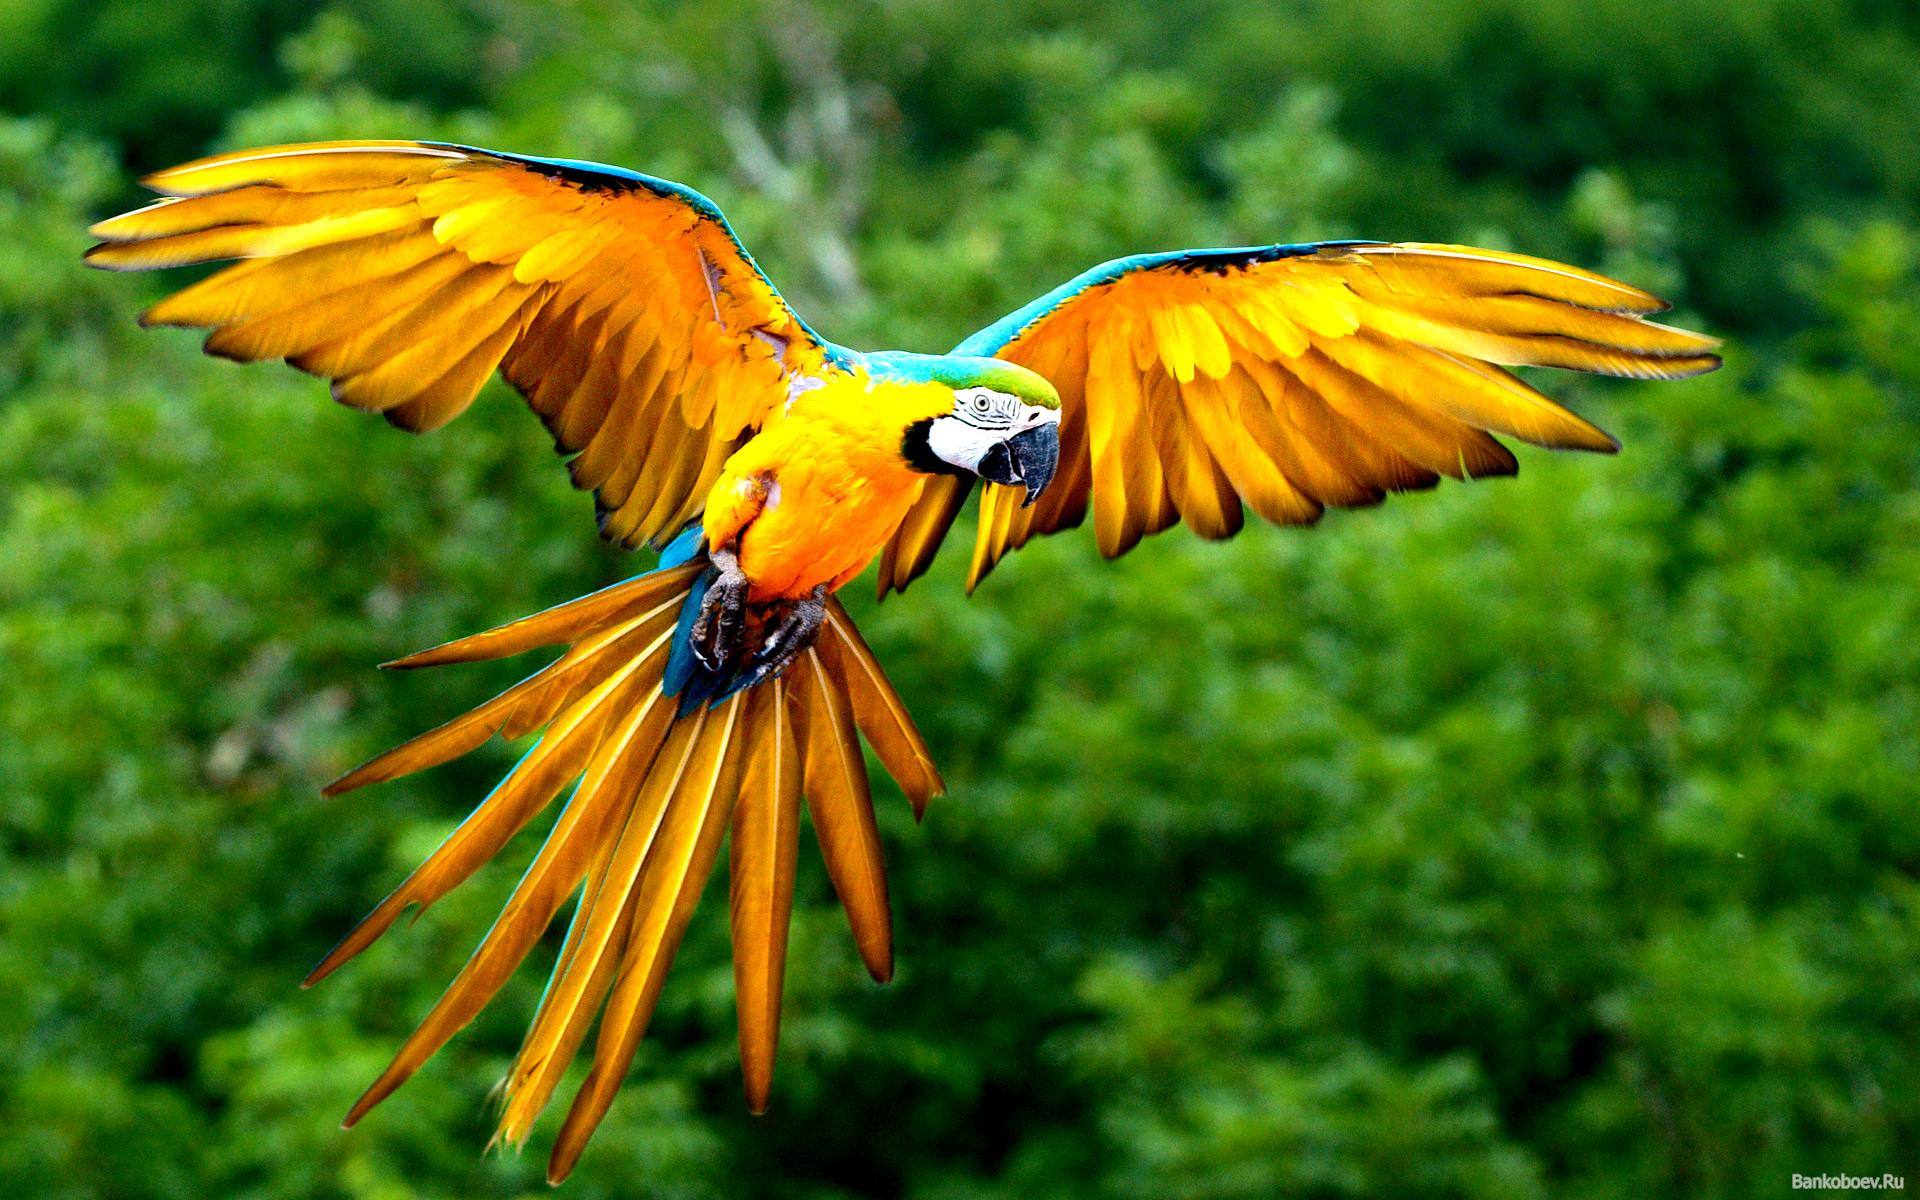 оранжевый попугай летит, раскрыв крылья, на фоне зеленой листвы, скачать фото, обои для рабочего стола